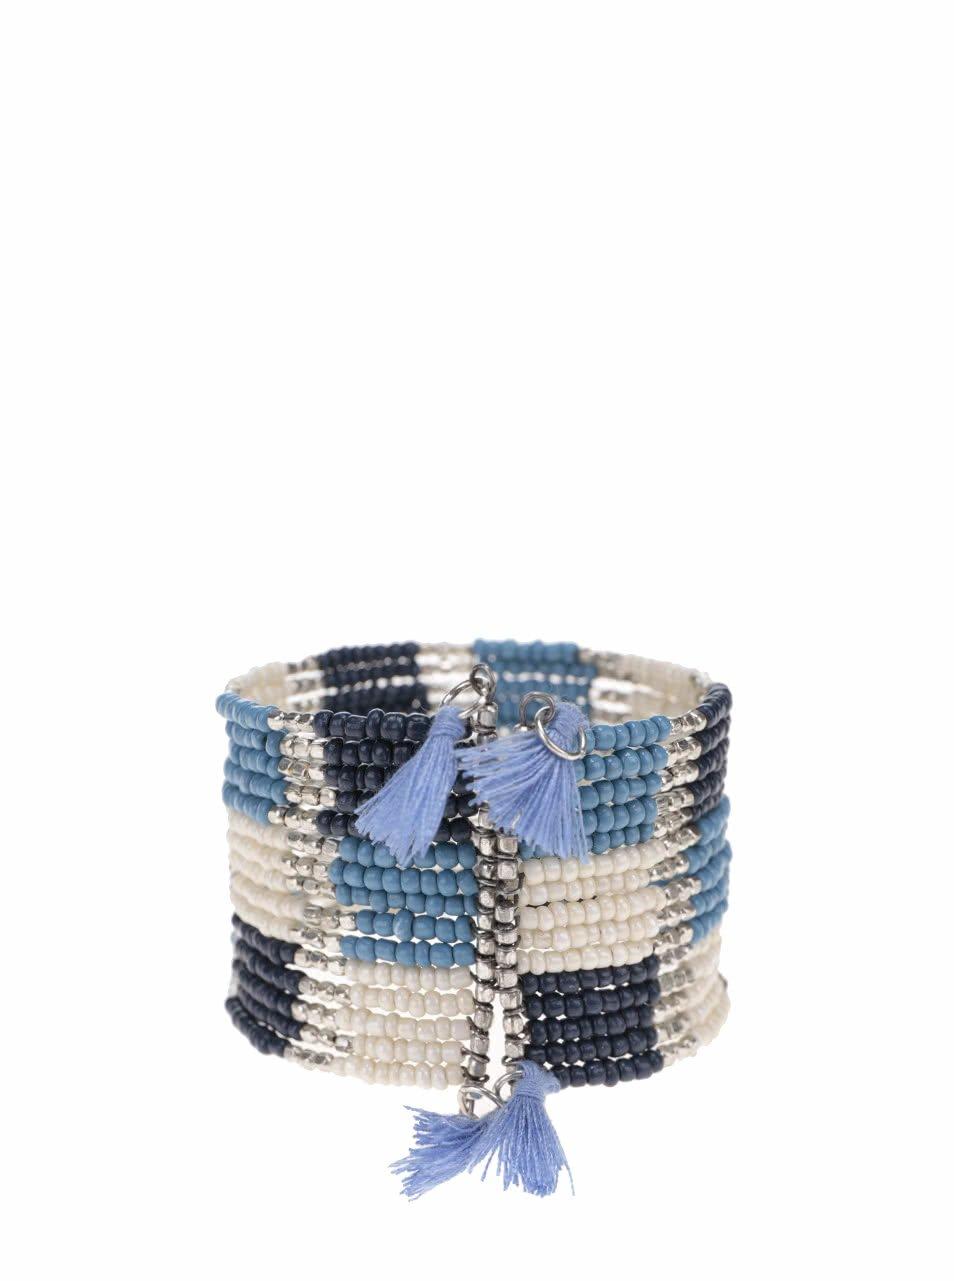 Bílo-modrý korálkový náramek s detaily ve stříbrné barvě Pieces Pilina